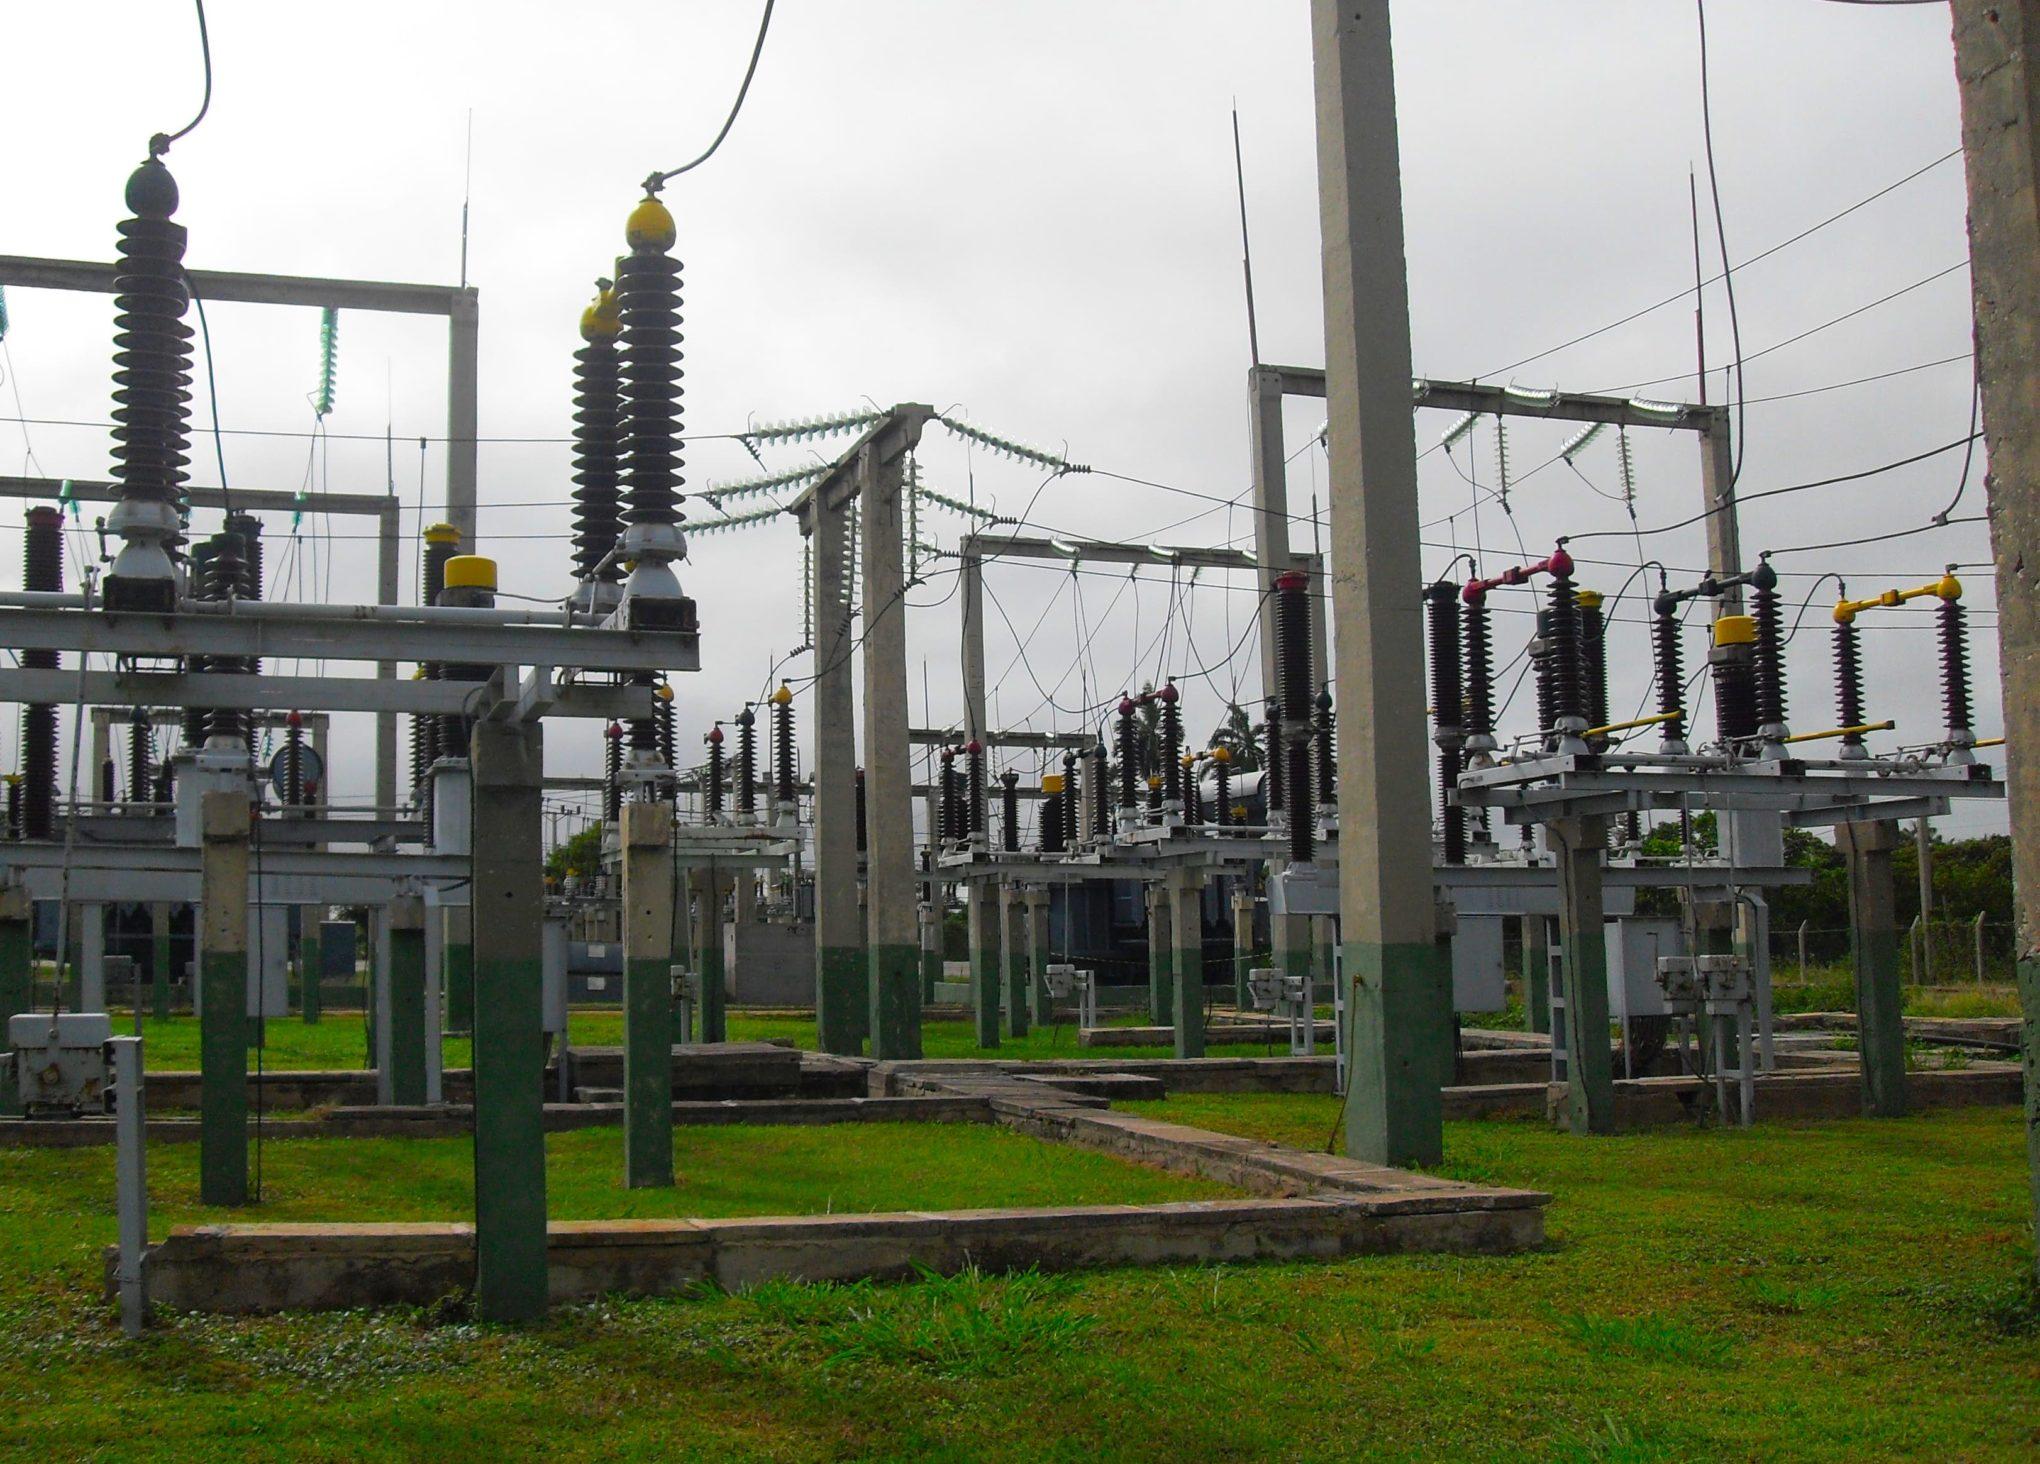 Power transformer for HV substation